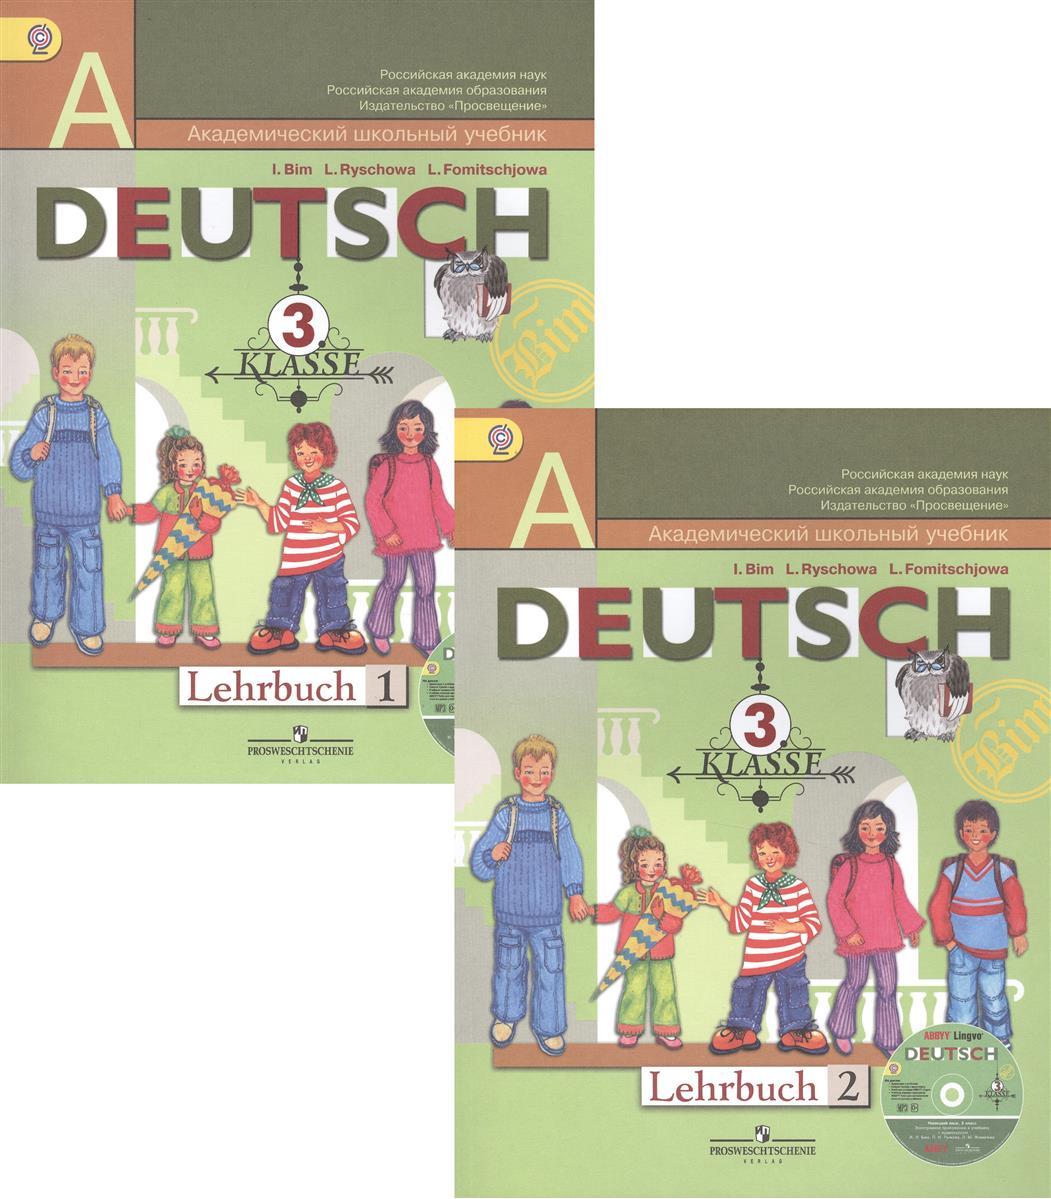 Немецкий язык. 3 класс. Учебник (комплект из 2 книг) (+CD)